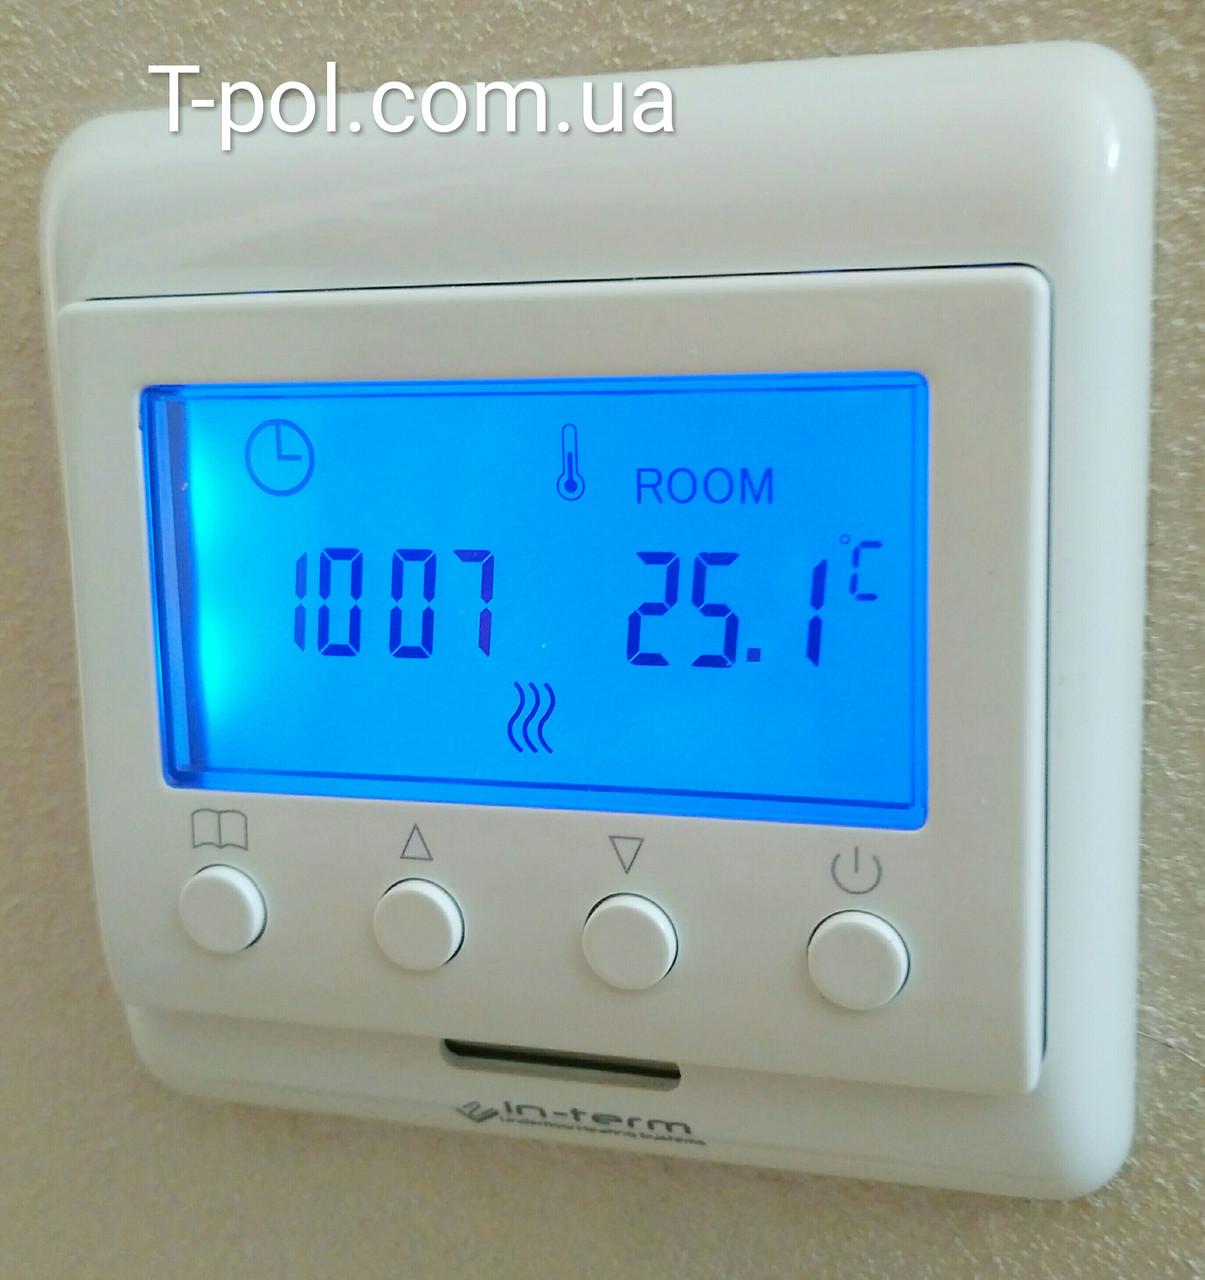 Непрограммируемый цифровой терморегулятор e 60 с дисплеем